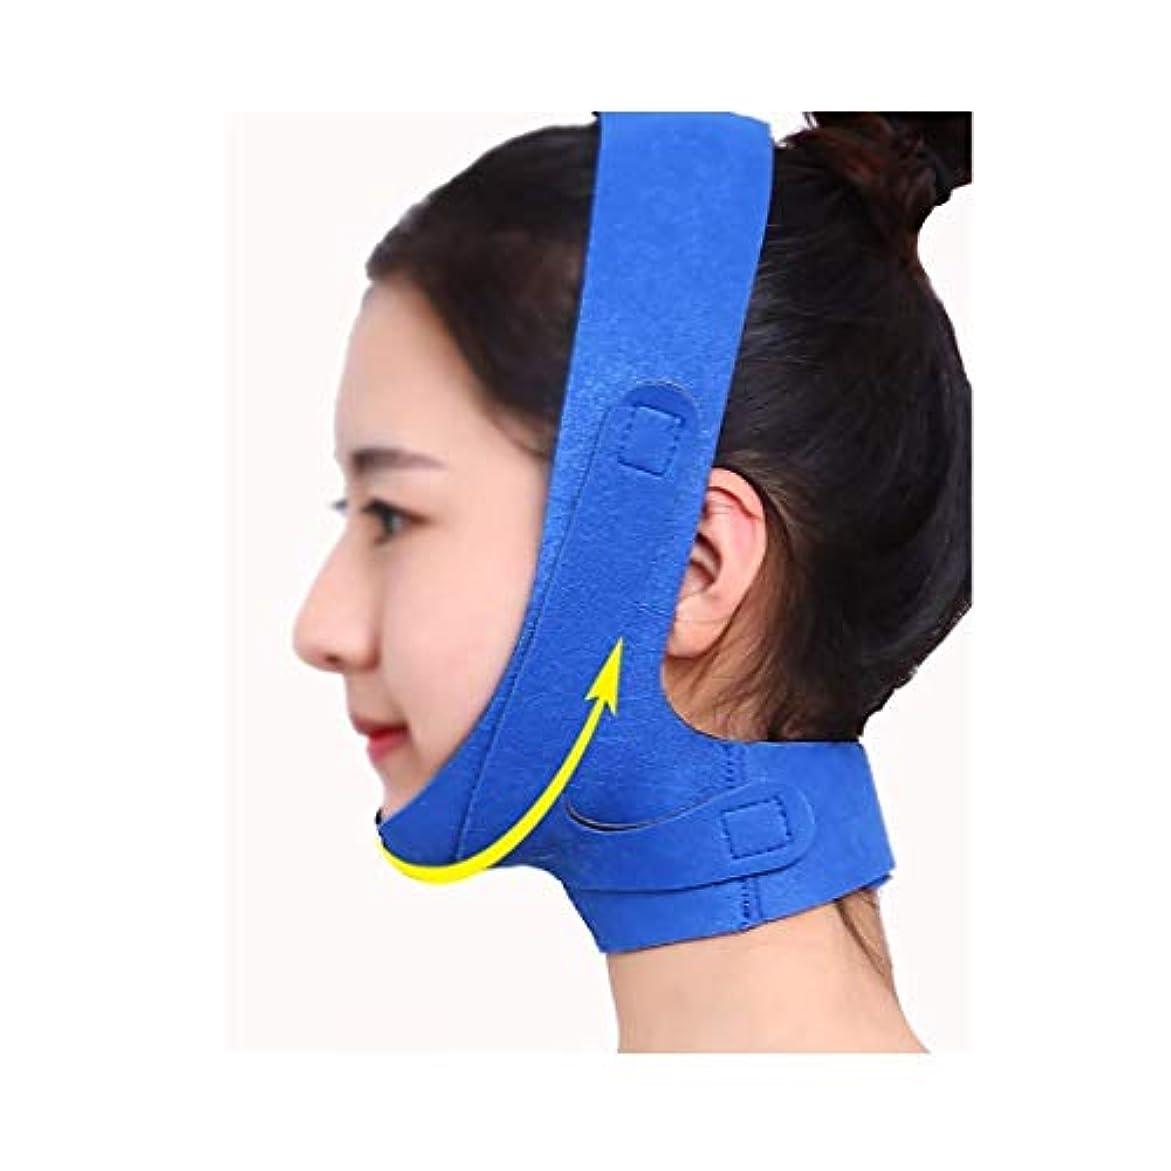 冷蔵庫トチの実の木出口フェイスリフトマスク、チンストラップの回復の包帯の睡眠の薄い顔の包帯の薄いフェイスマスクフェイスリフトの美のマスクの包帯の青いフェイスマスクが付いている小さいVの顔を高めるフェイスリフトのアーティファクト